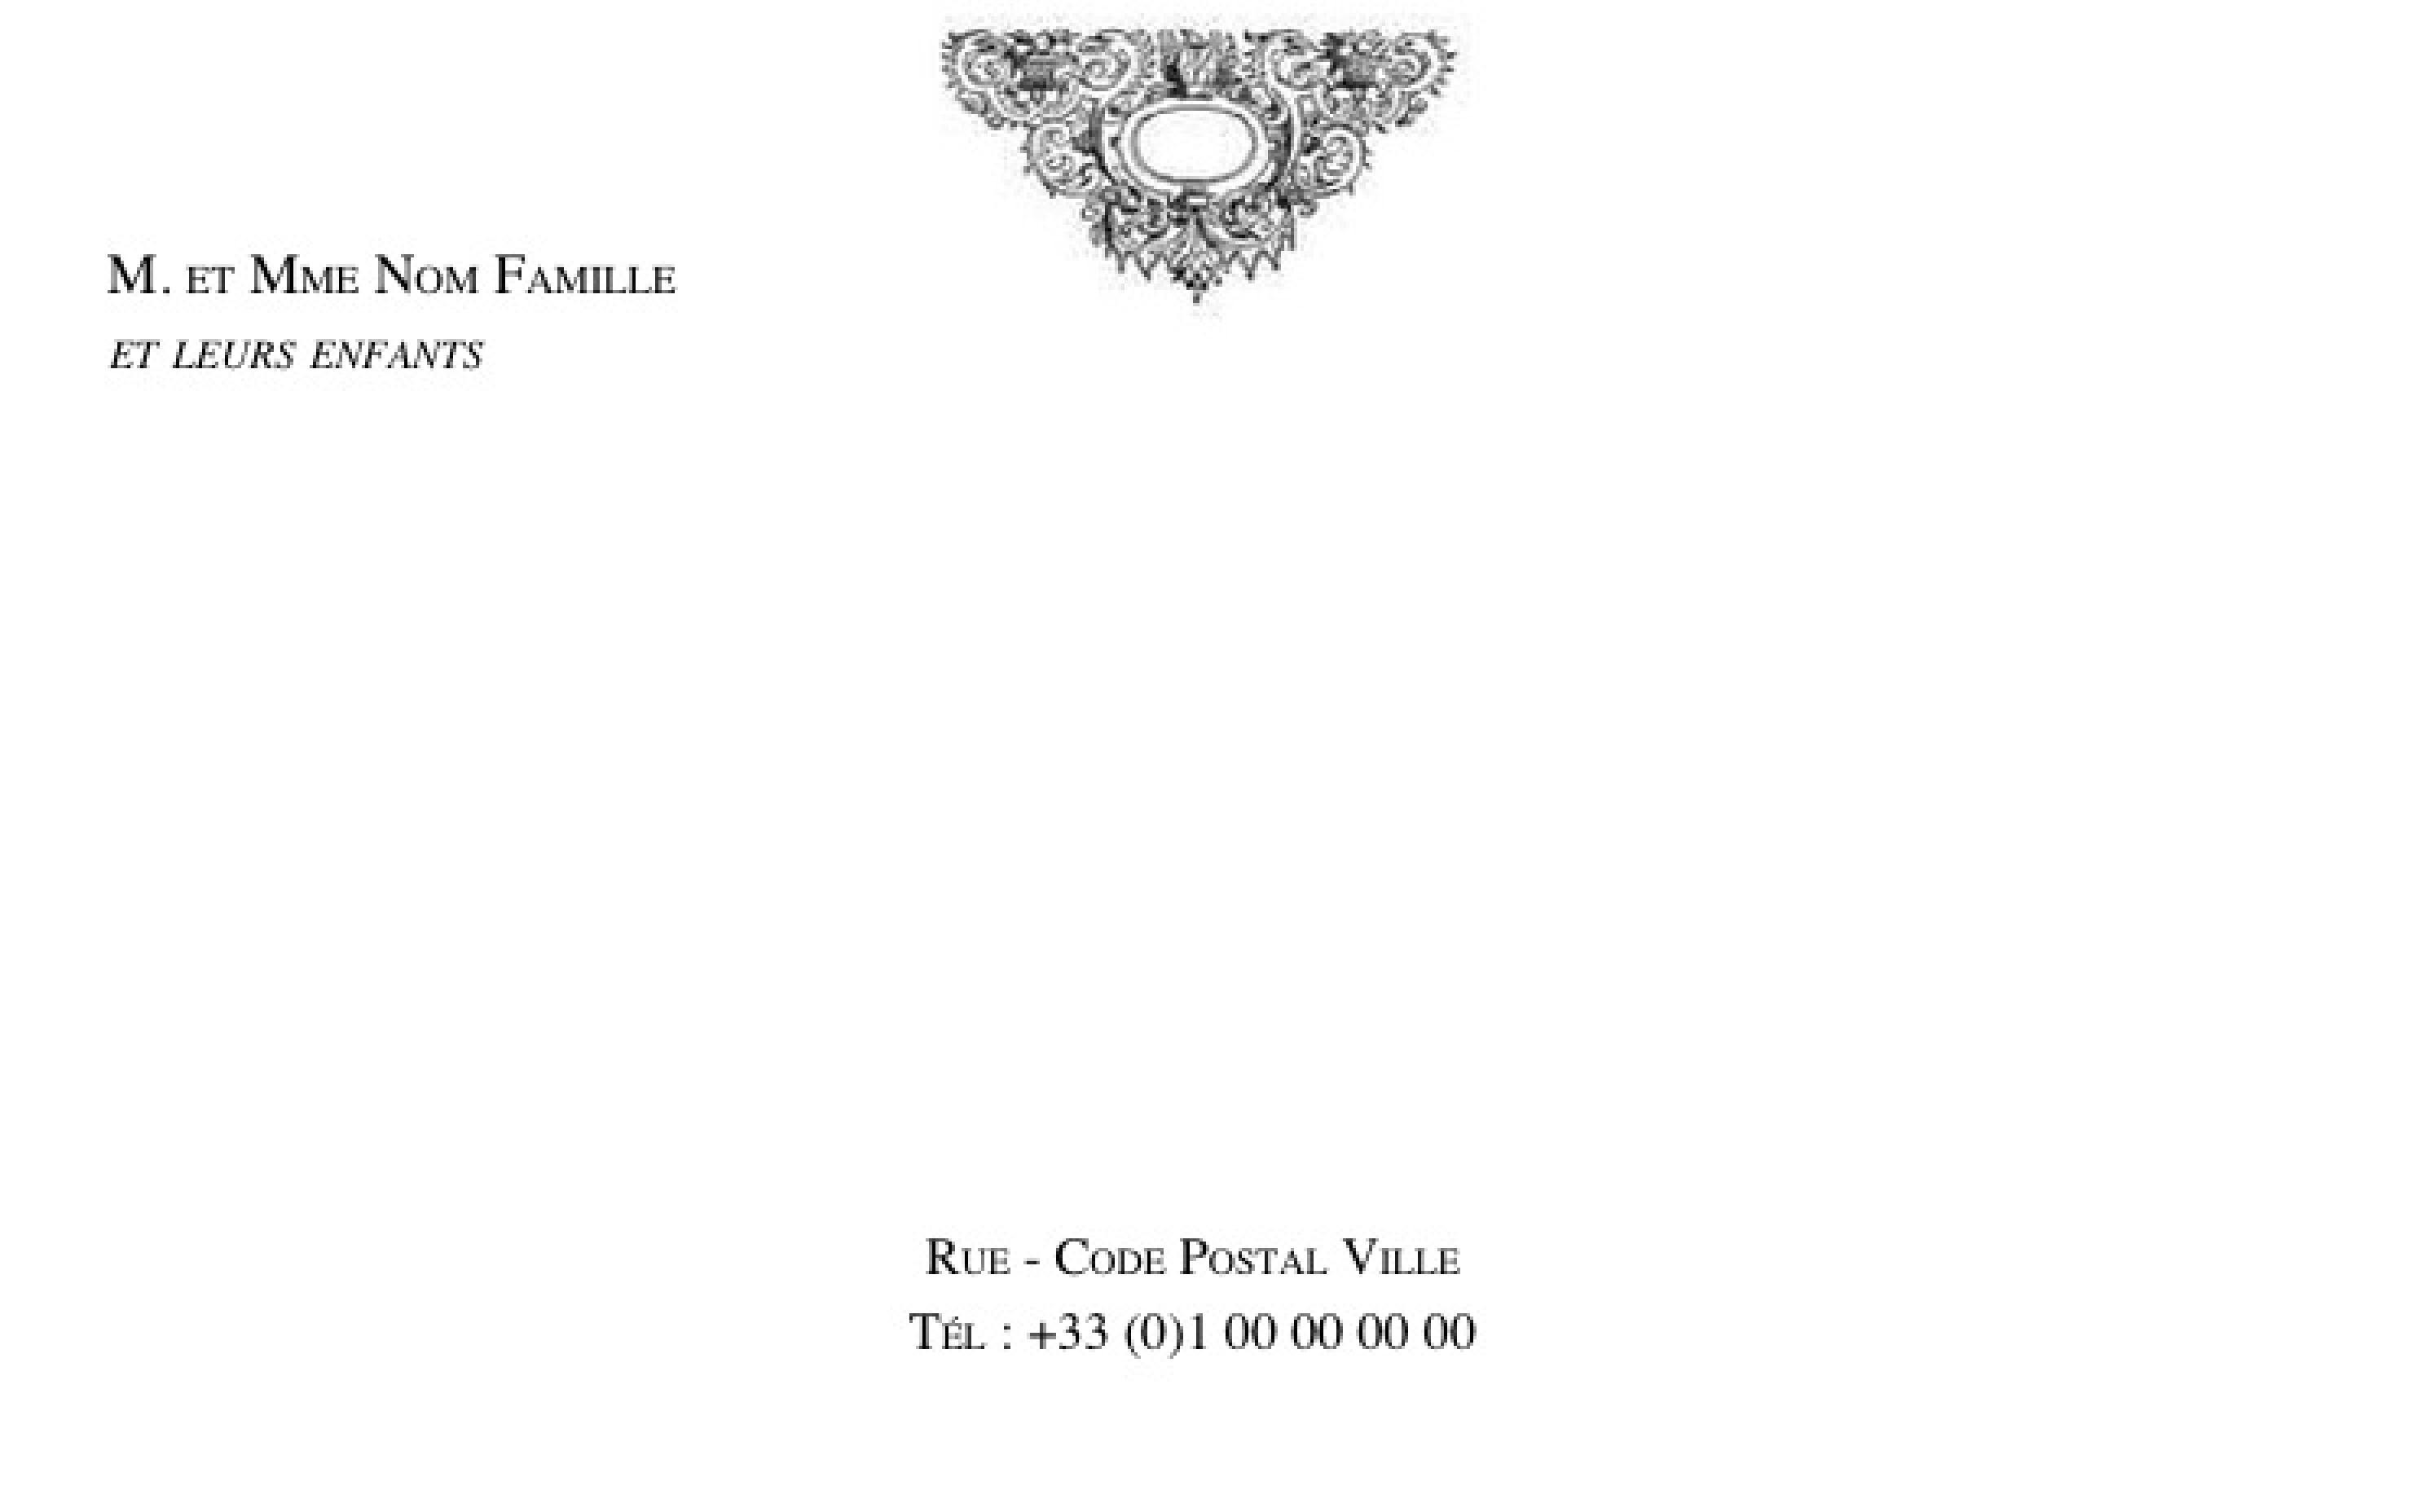 BModele Carte De Visite Gratuit Pour Particulier A Personnaliser B Familiale Grand Format Famille Avec Ornement En